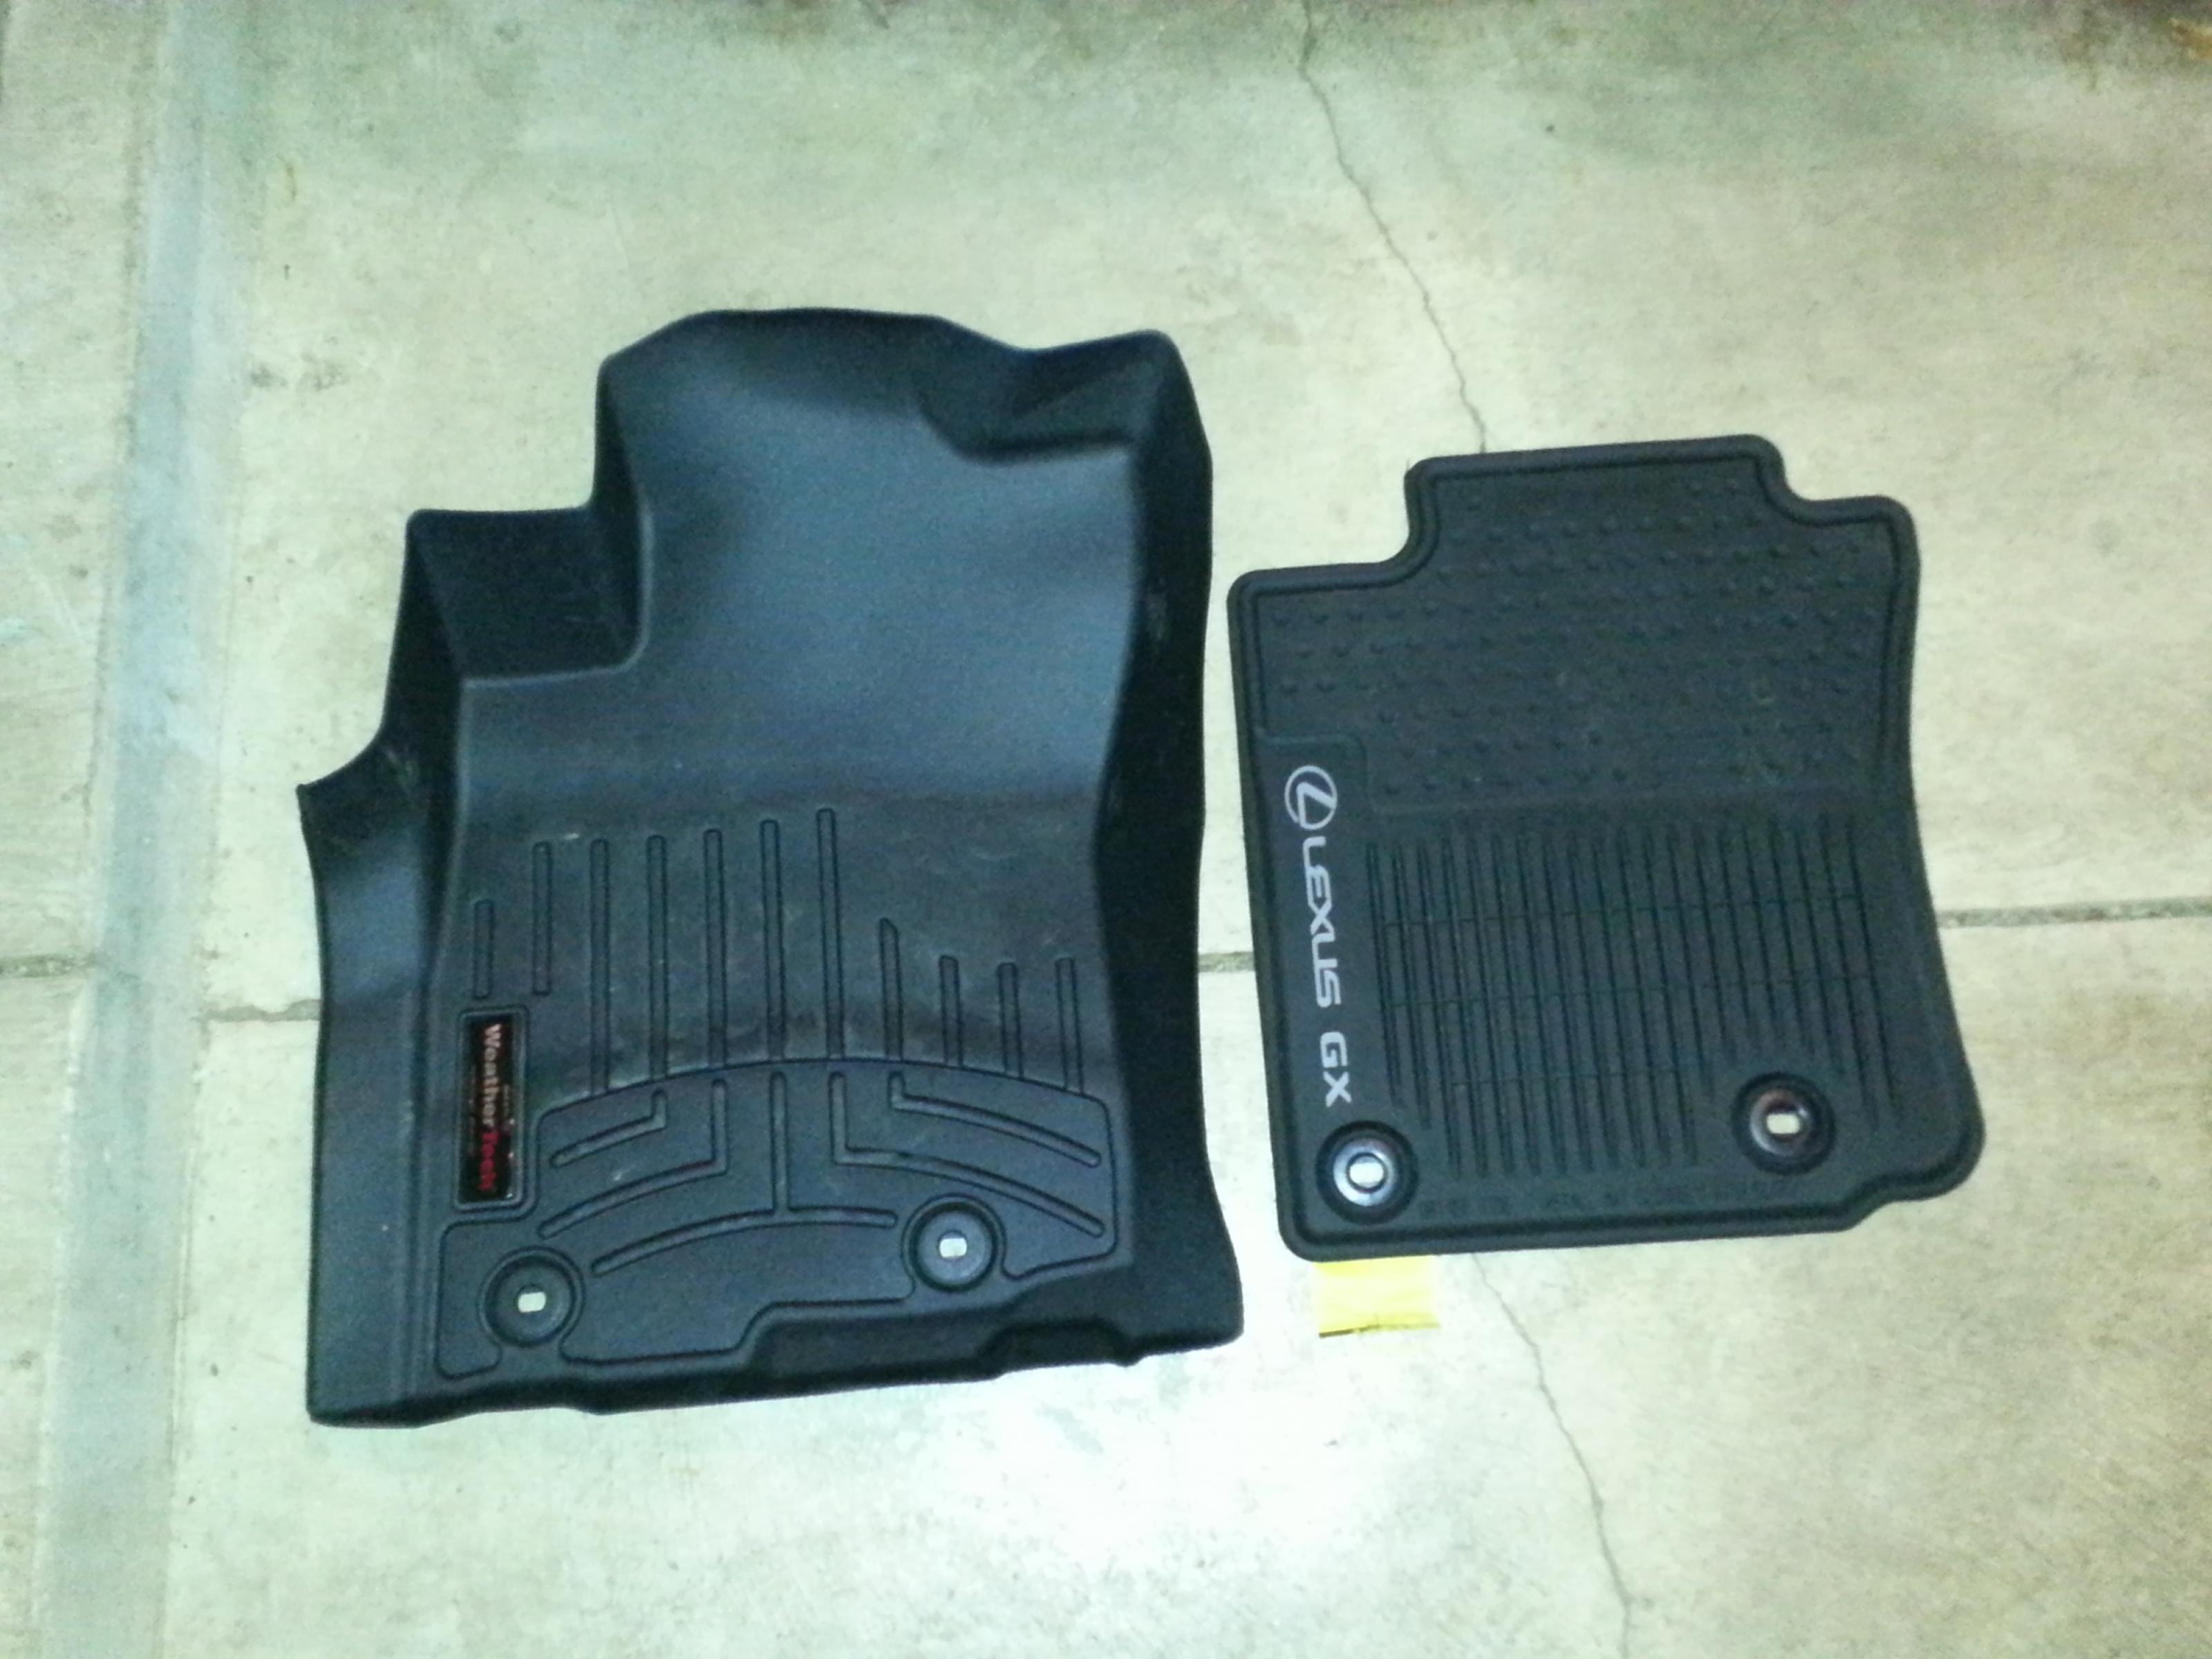 Lexus all weather floor mats vs weathertech 20141218_173642 jpg